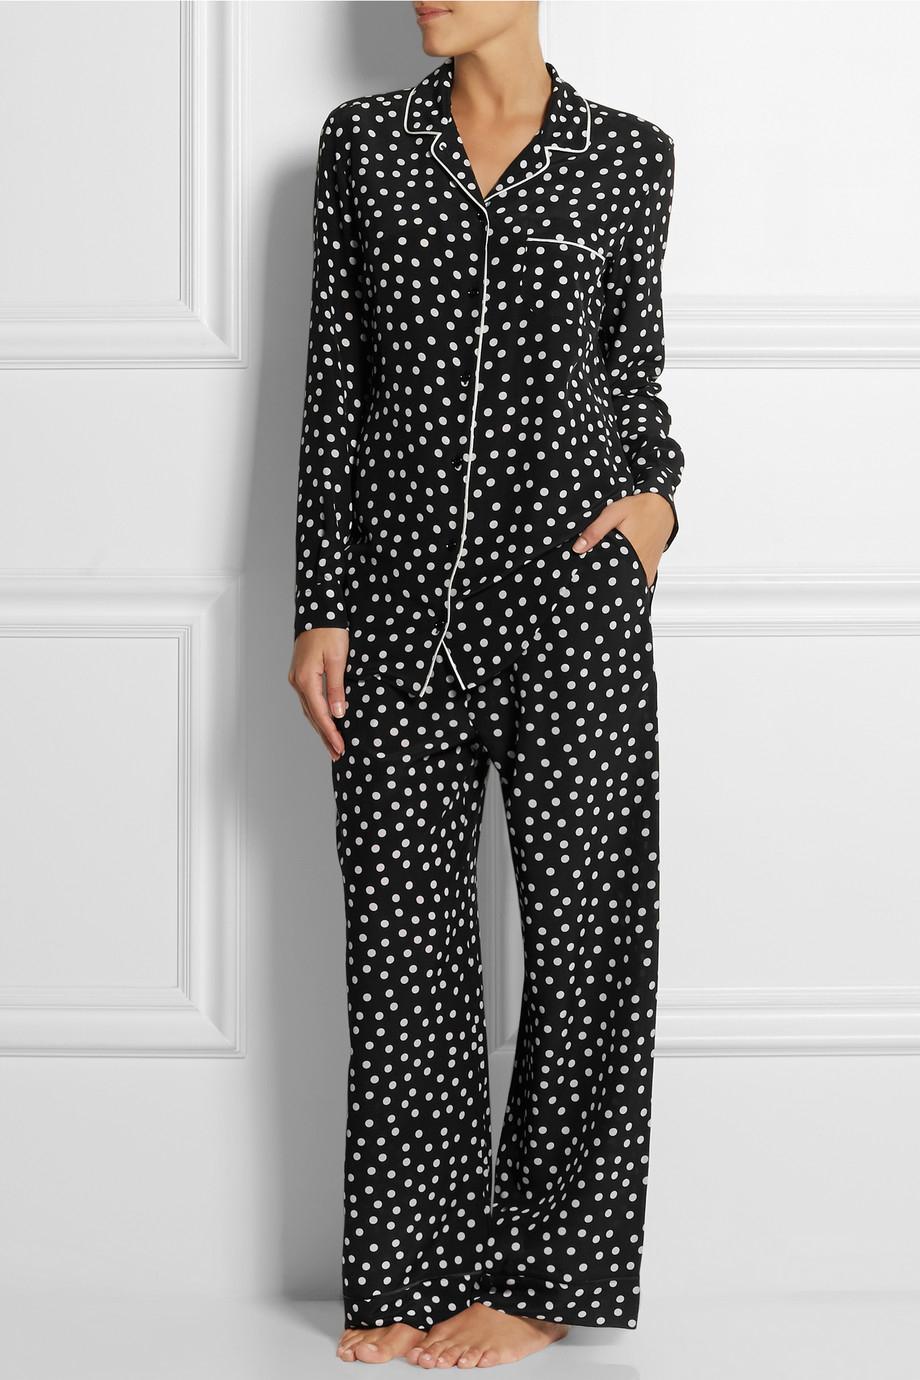 Dolce & gabbana Polka-Dot Silk Crepe De Chine Pajama Top in Black ...